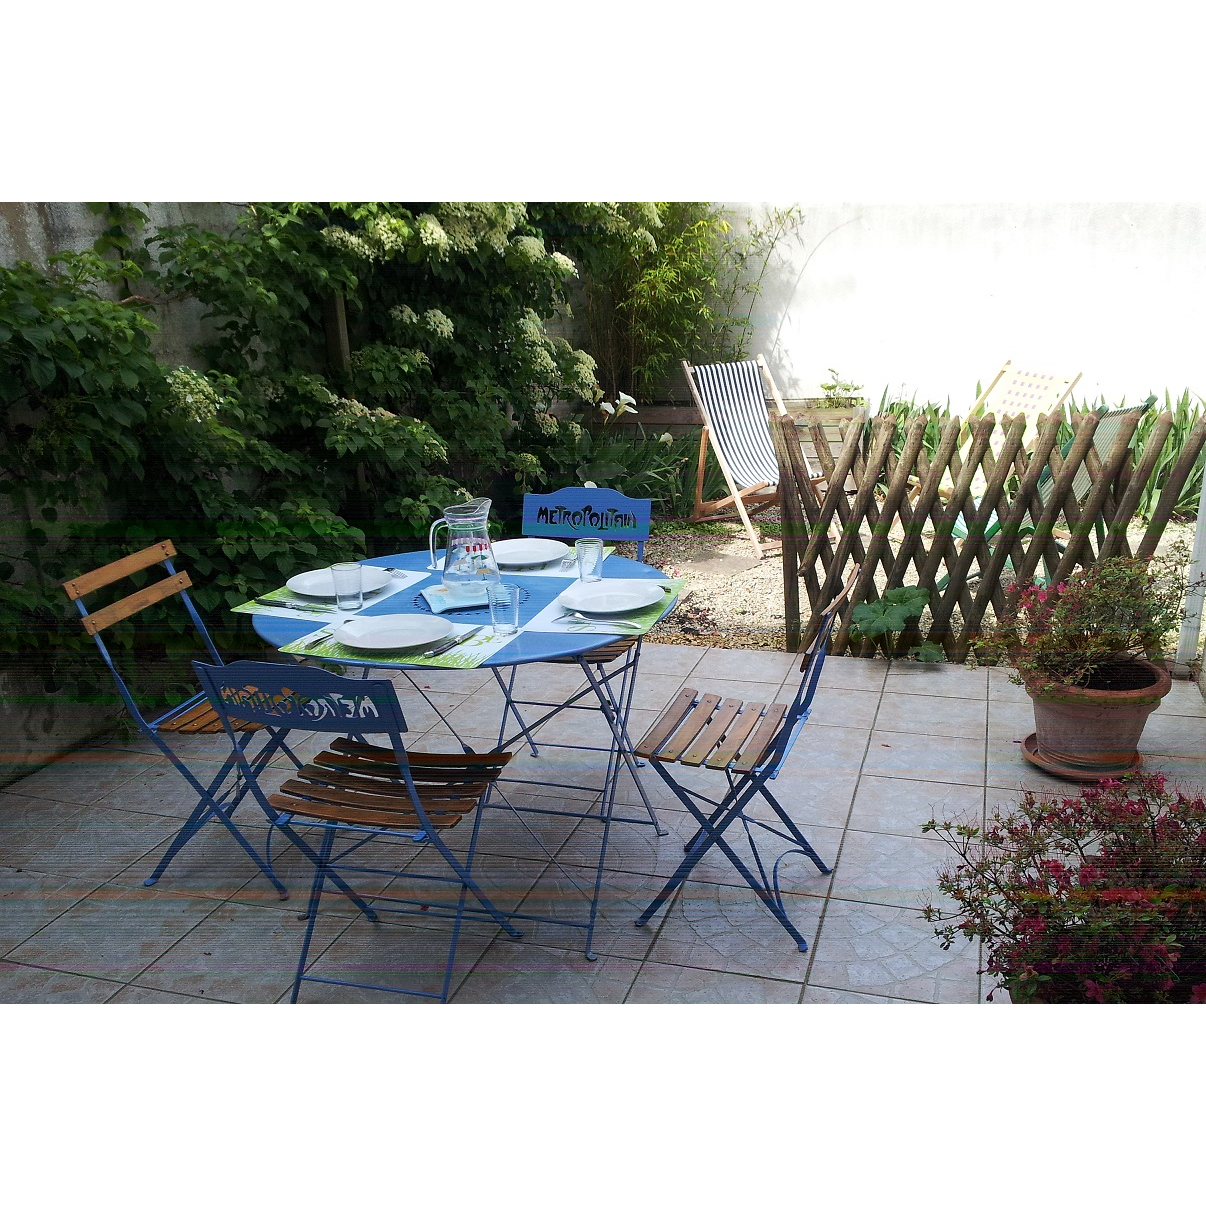 la rochelle maison jardin ancv wifi linge compris stationnement facile gratuit 4p b b. Black Bedroom Furniture Sets. Home Design Ideas